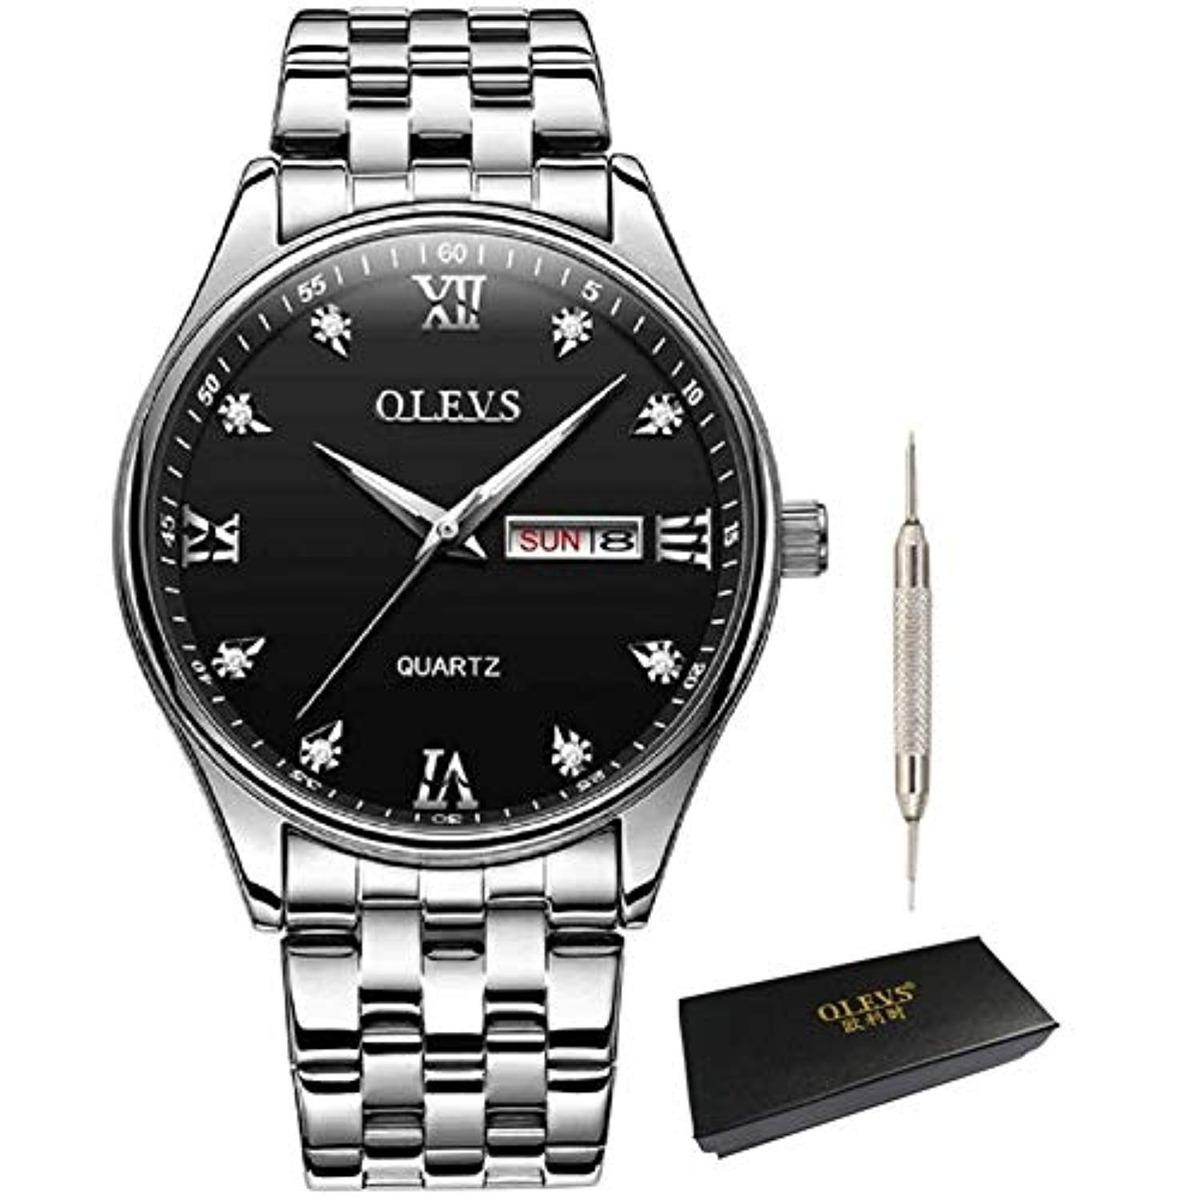 Reloj Hombre Men Business Wrist Watch Waterproof